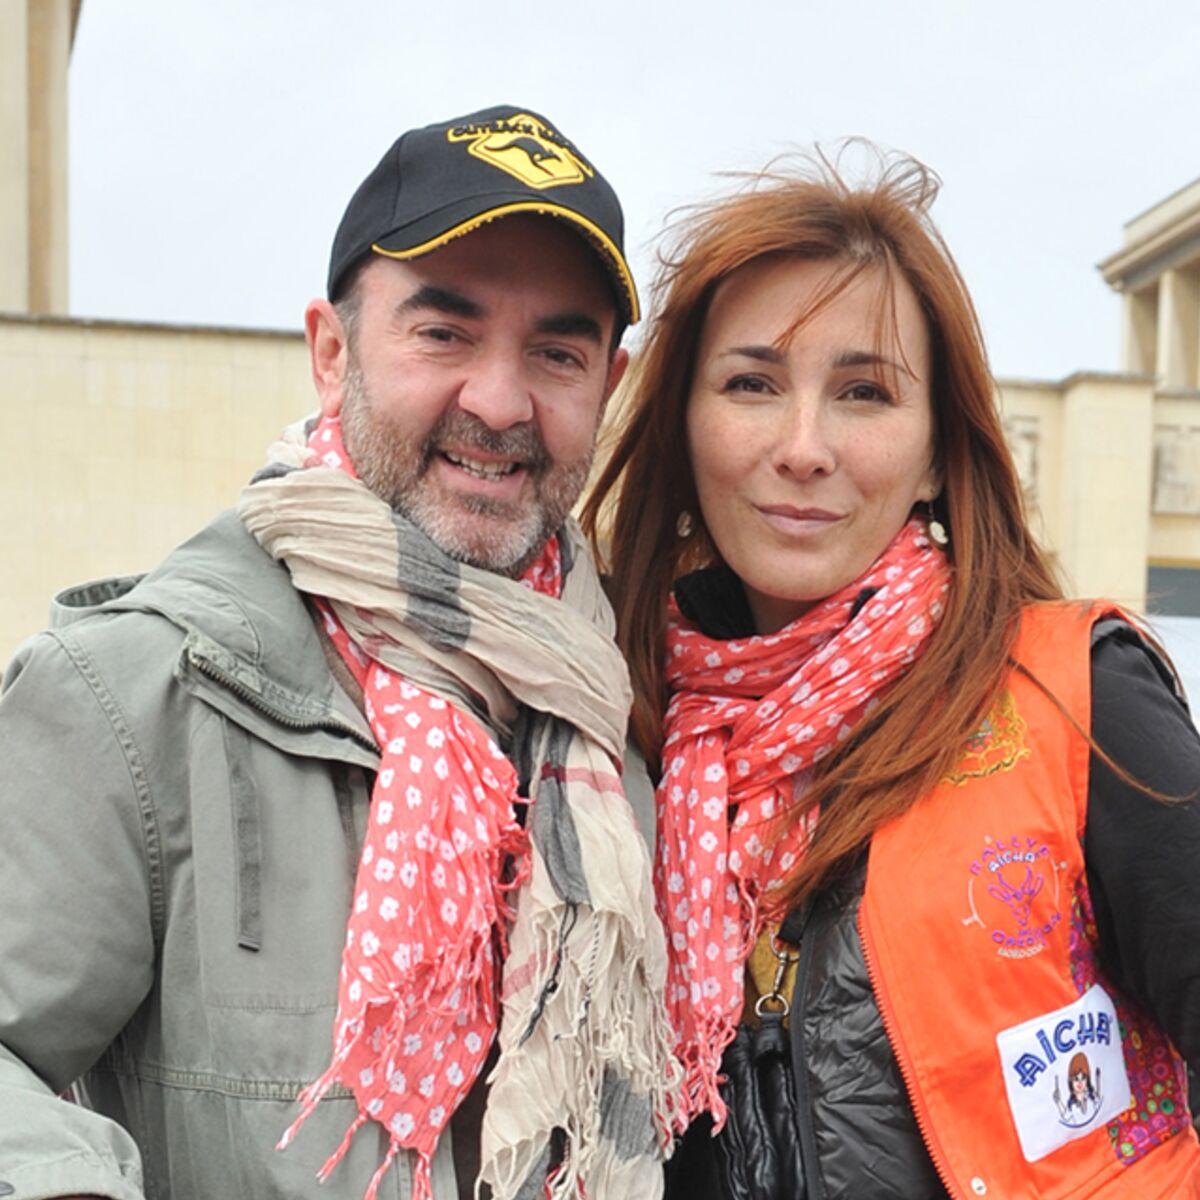 Bruno Solo et Emmanuel Petit en croisade contre les violences faites aux femmes